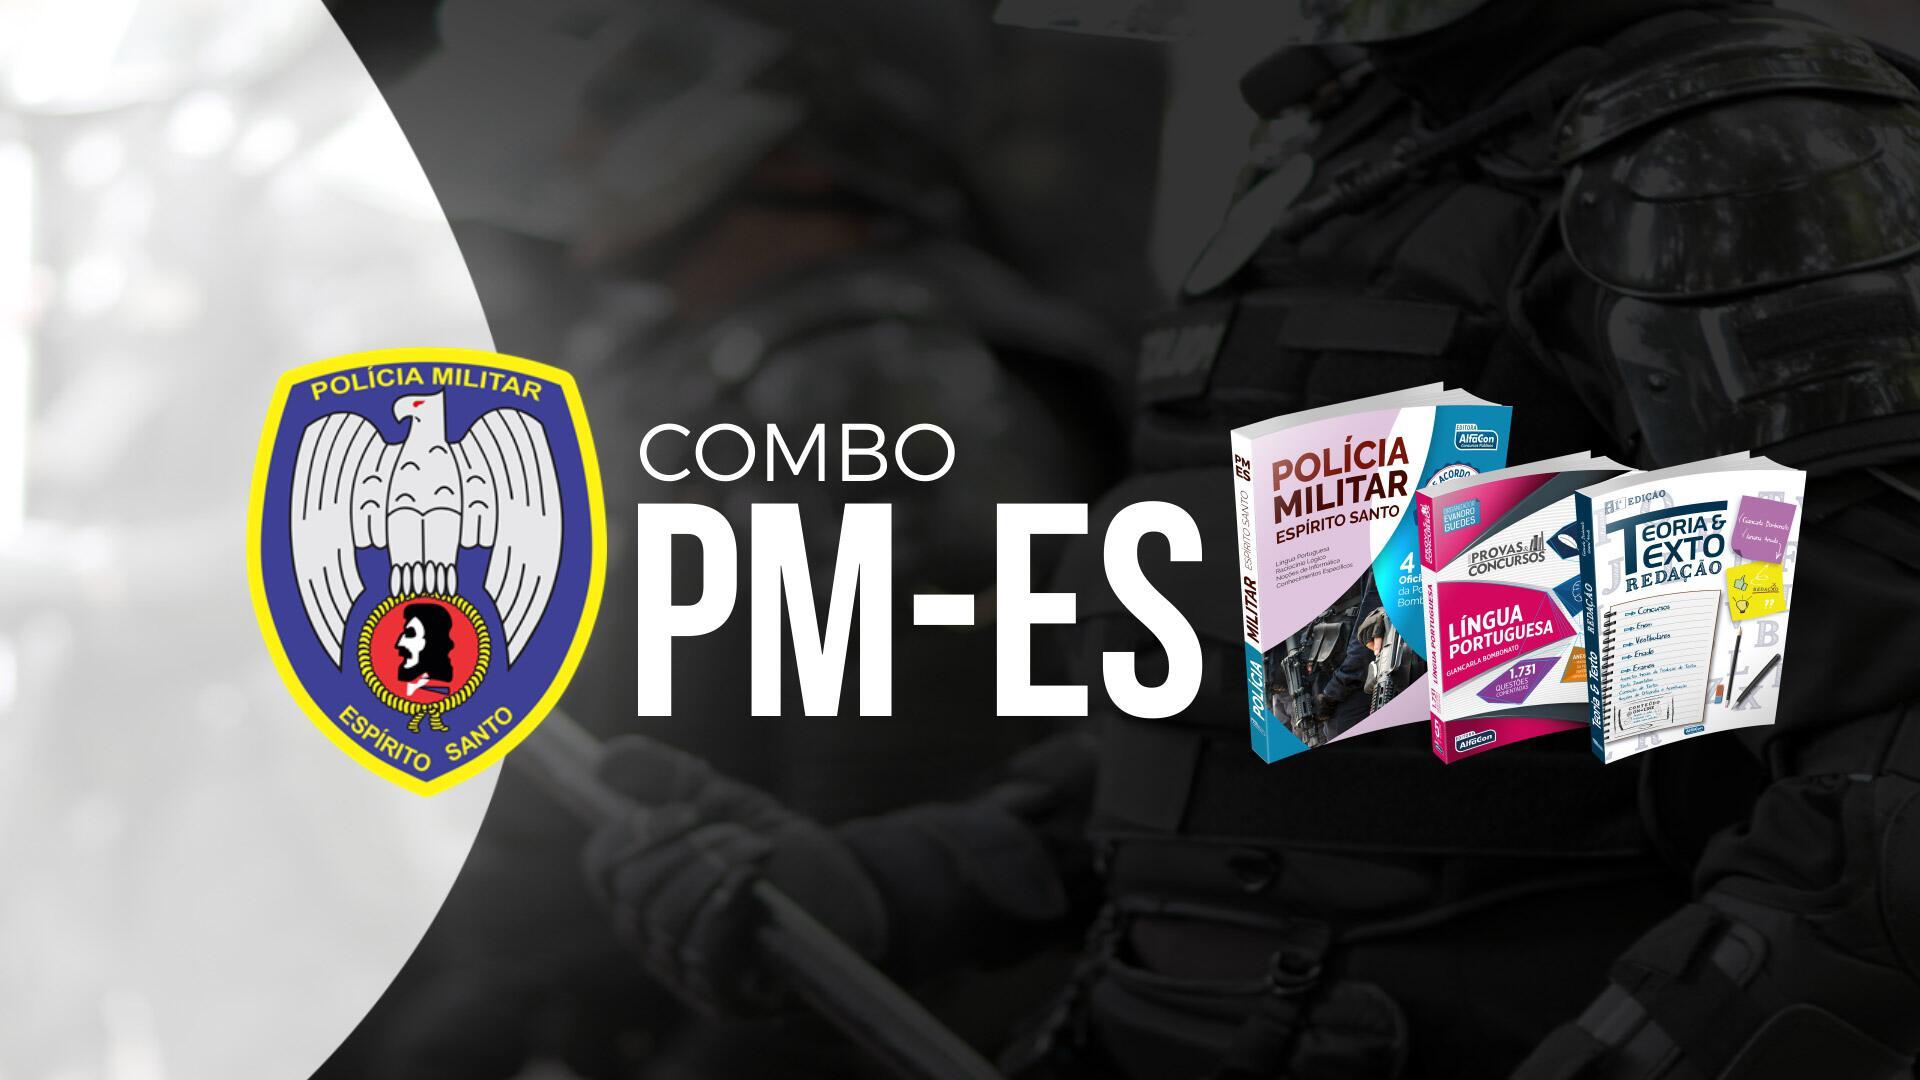 COMBO PM ES